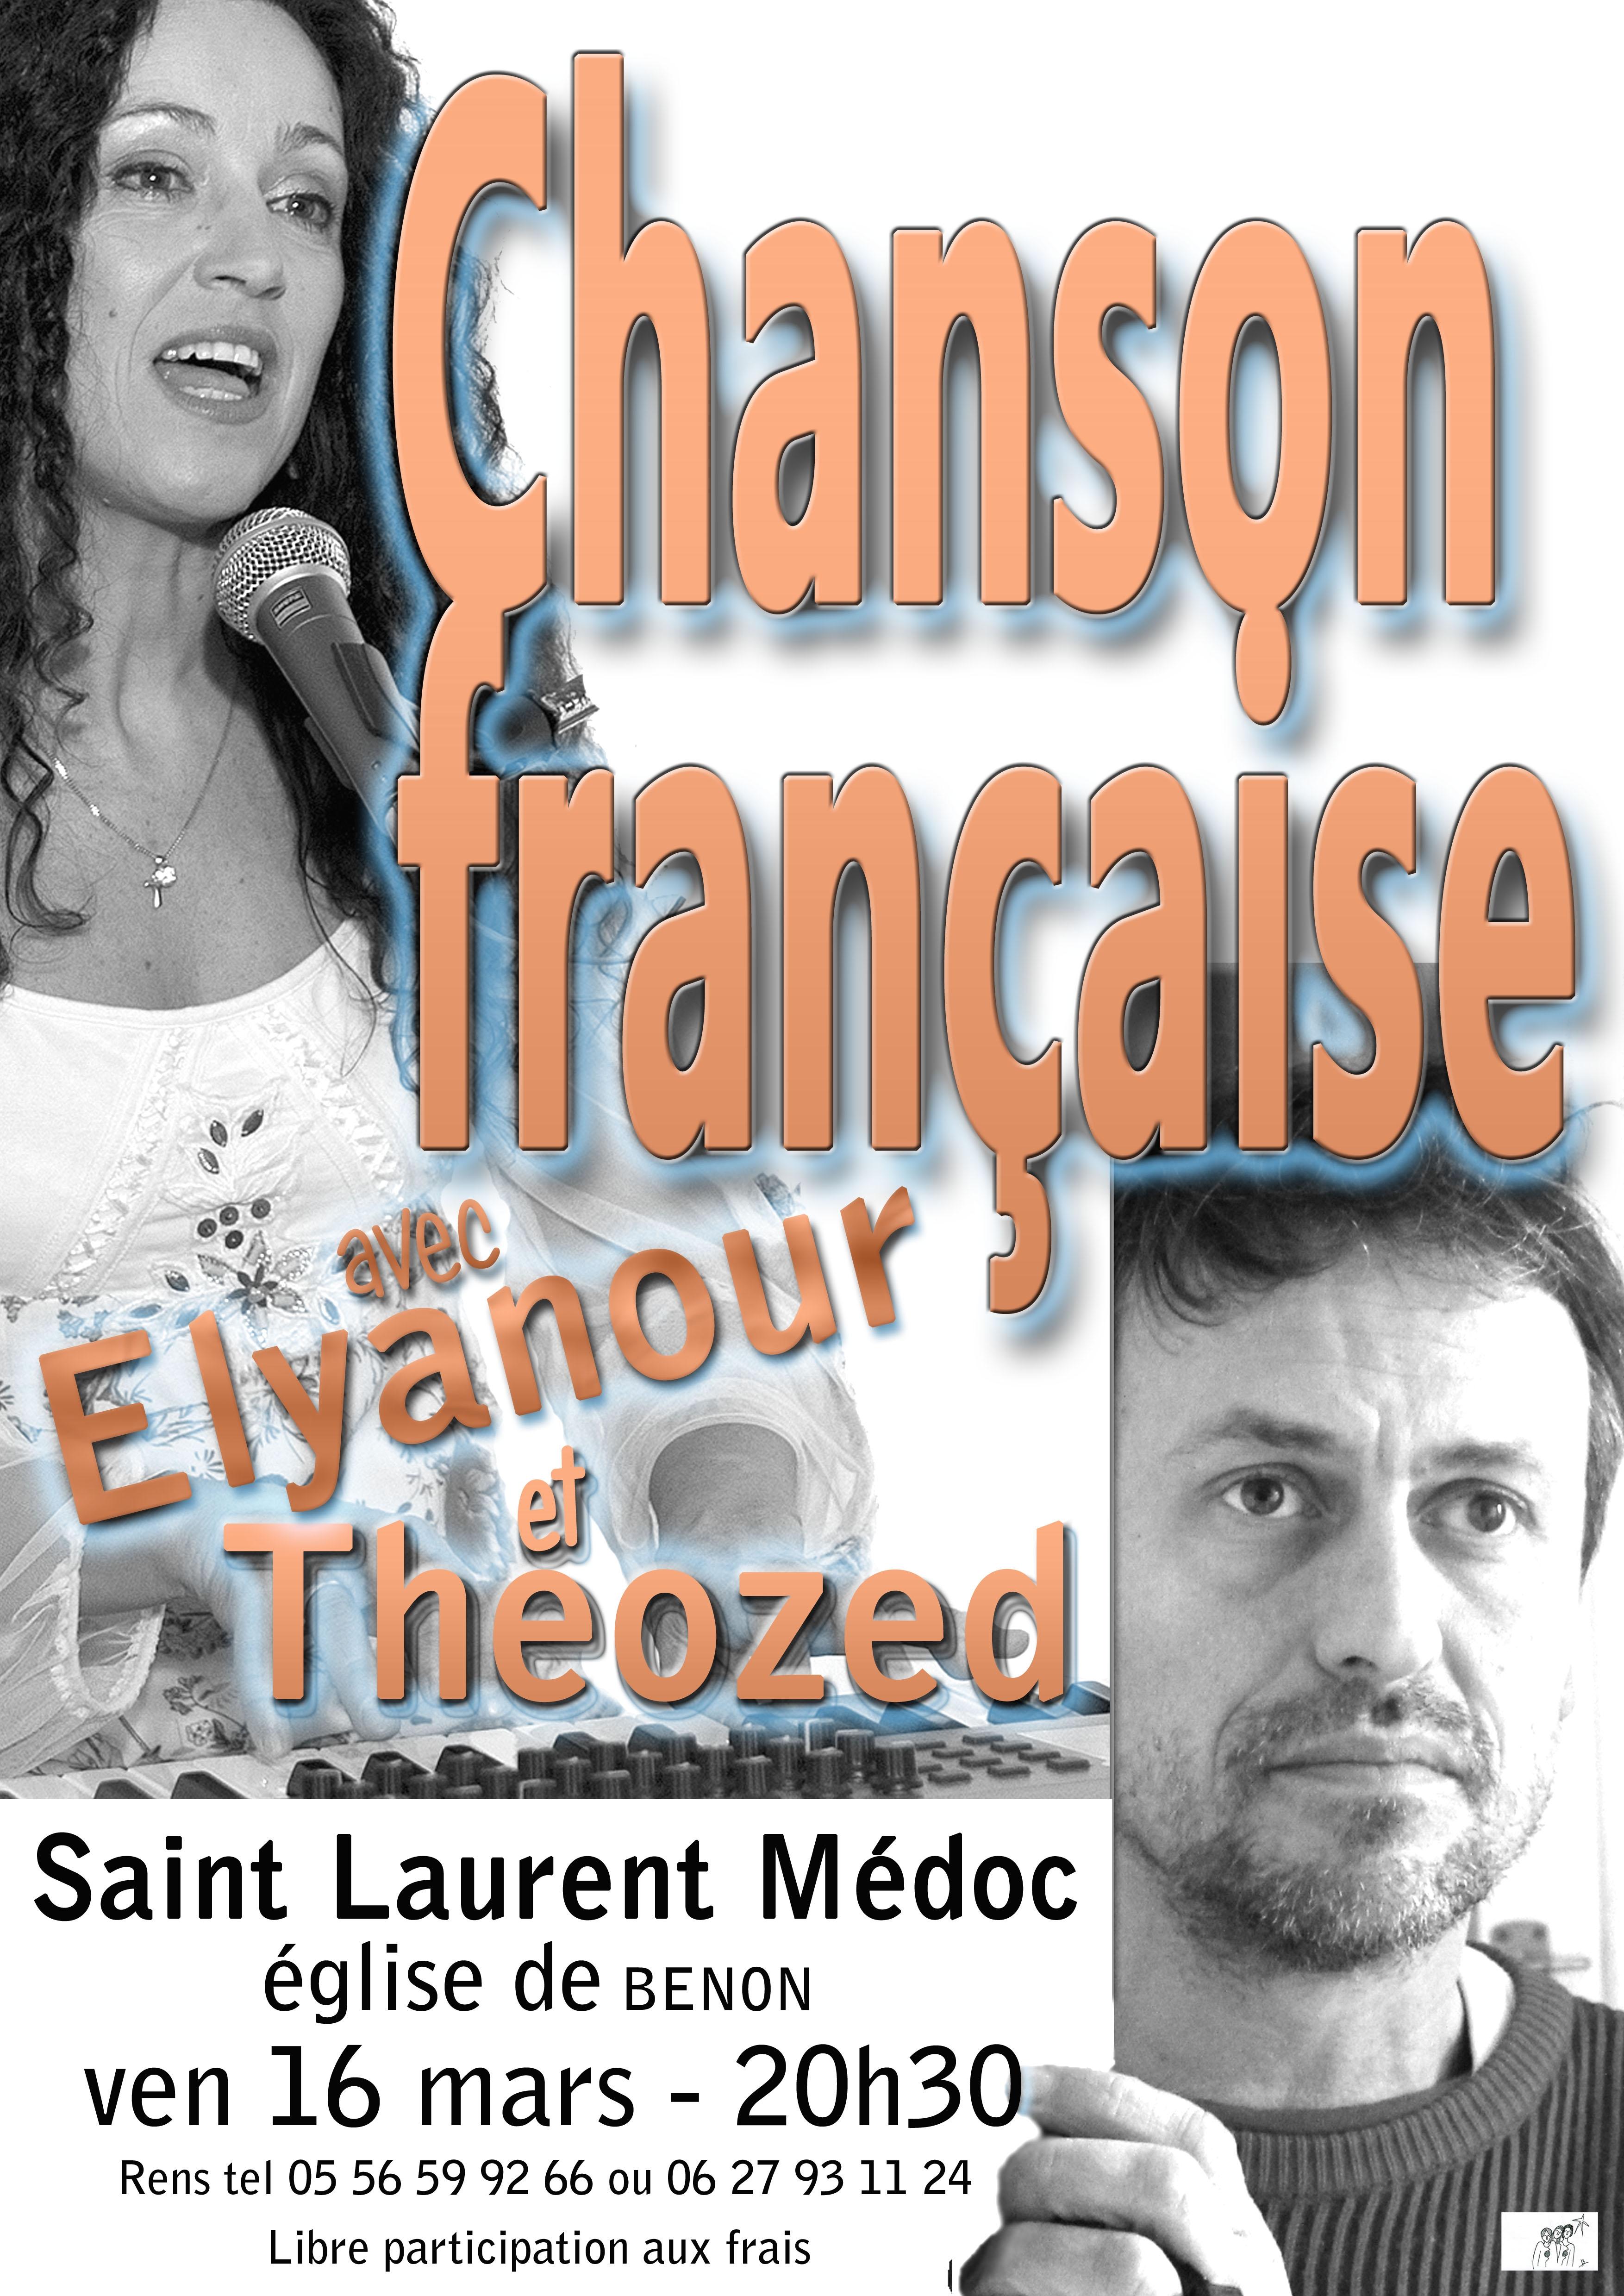 Elyanour et Theozed en concert dans Spectacles theozed